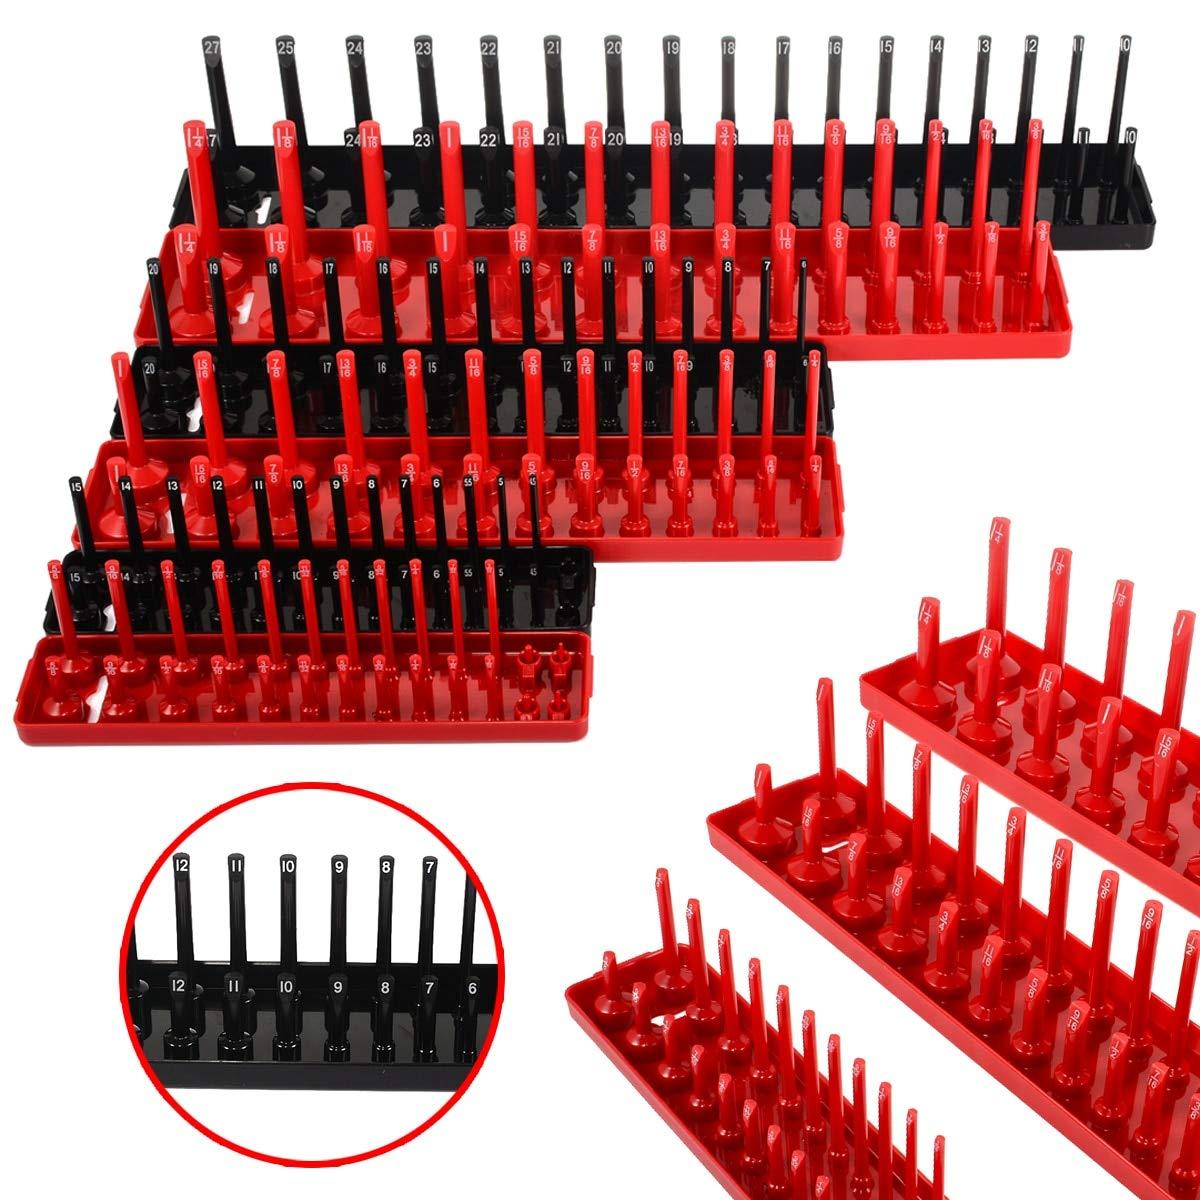 JIAIIO 6pcs Black/Red 1/4'' 3/8'' 1/2'' Metric SAE Socket Tray Rack Holder Garage Tool Organizer